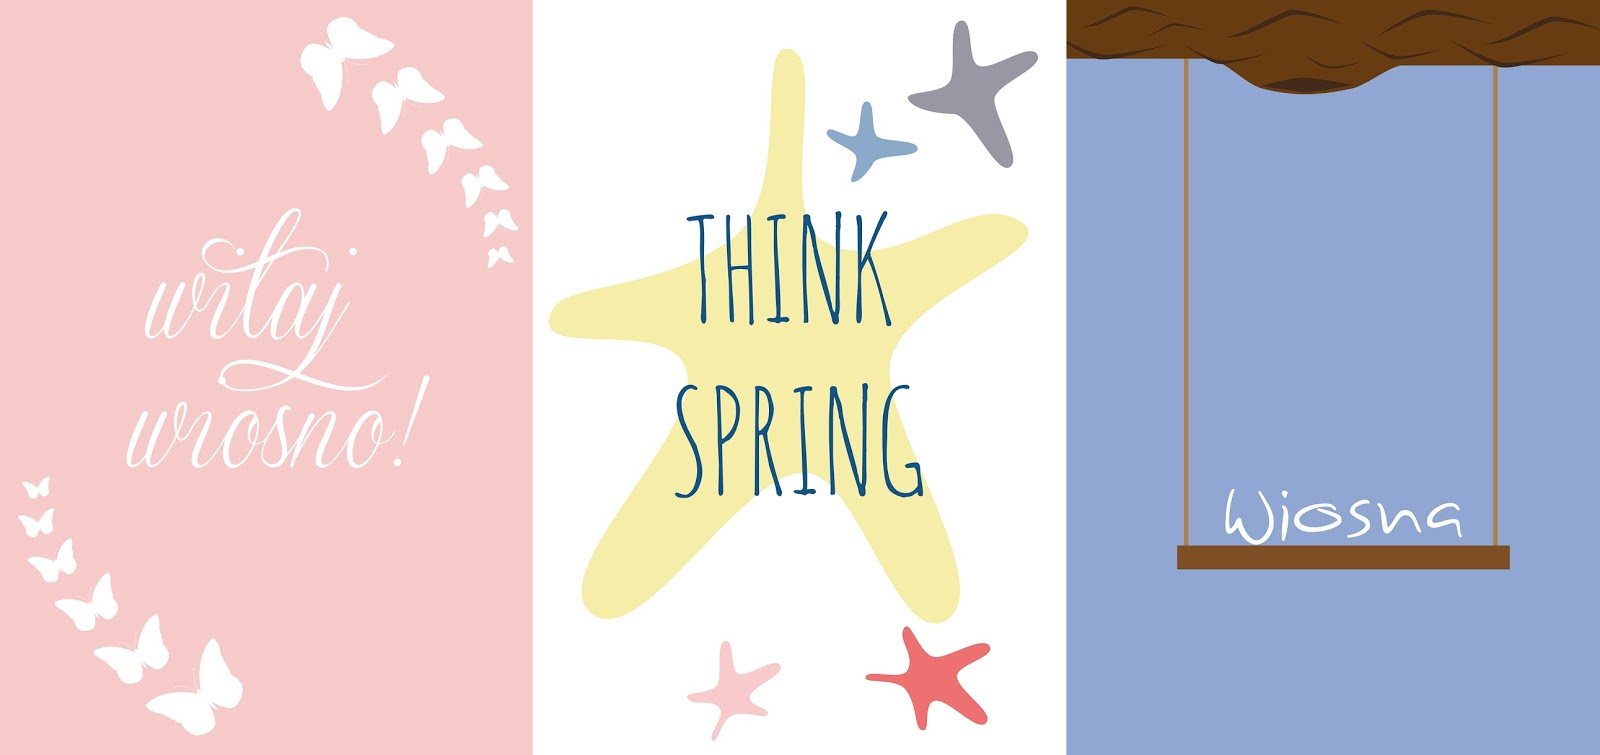 plakaty, wiosna, blog, plakaty do pobrania, wylegarnia pomyslow, grafika, darmowa grafika, plakaty za darmo